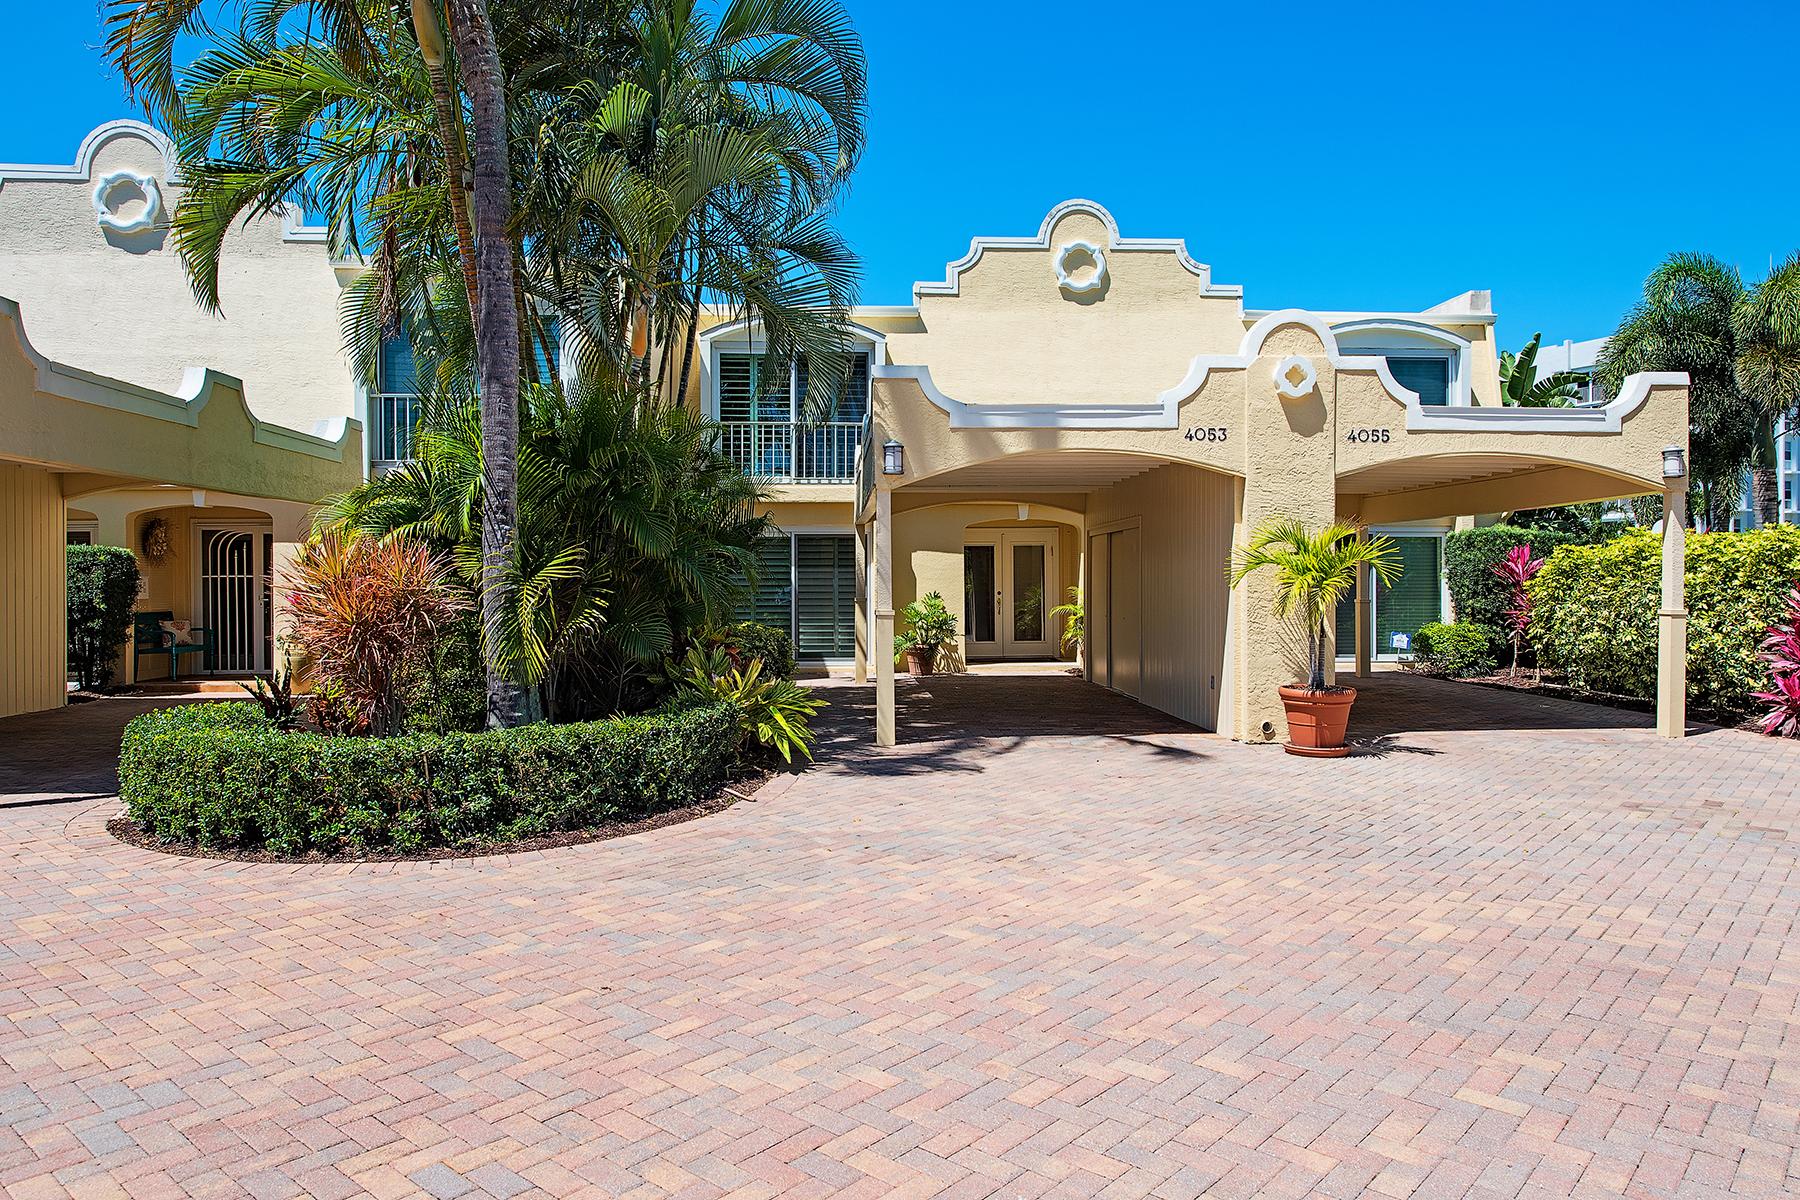 Таунхаус для того Продажа на PARK SHORE - COLONY GARDENS 4053 Crayton Rd 4O53 Naples, Флорида, 34103 Соединенные Штаты